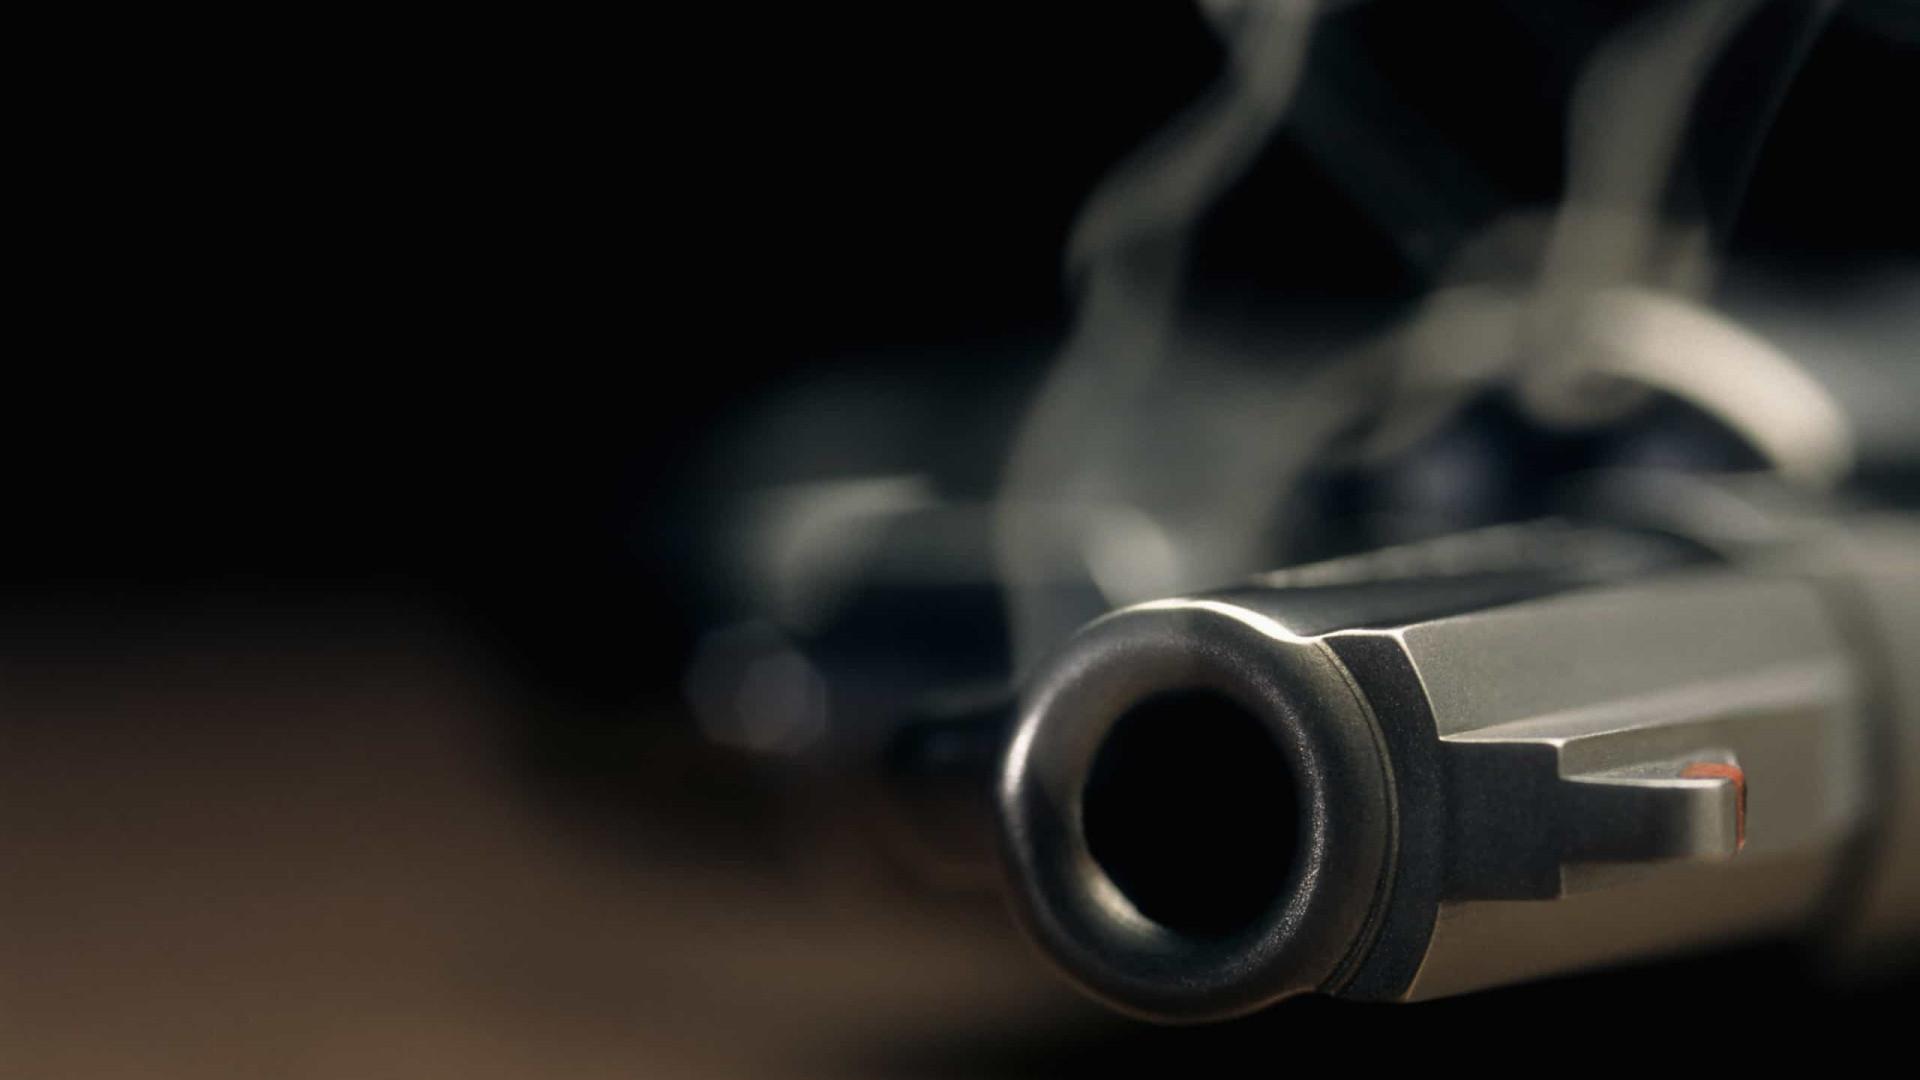 Homicídios aumentaram 4% nos primeiros nove meses no Brasil